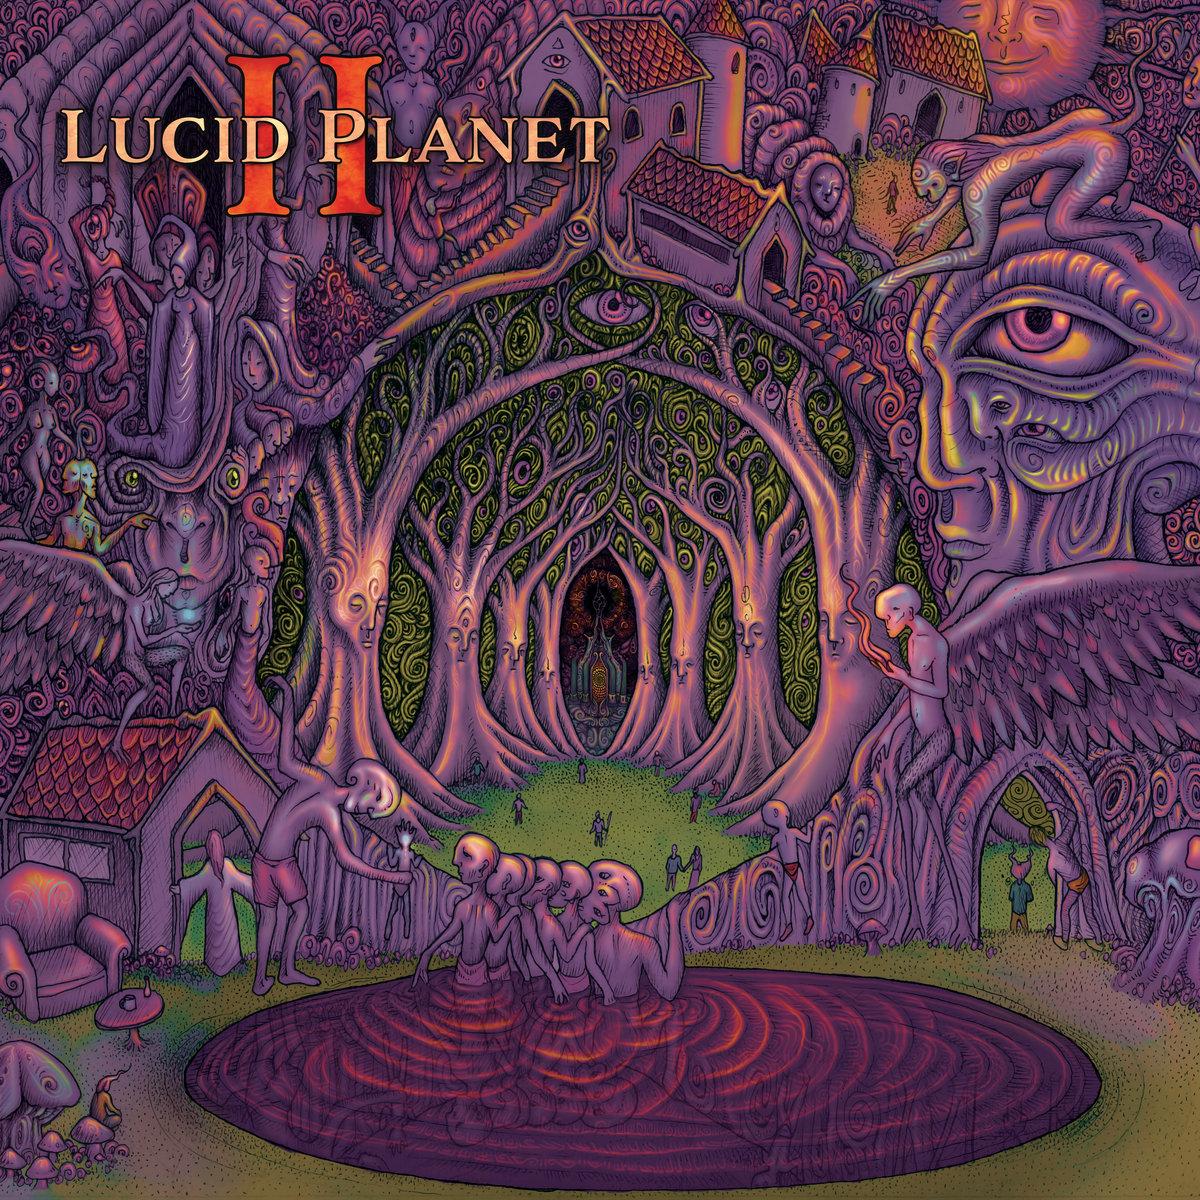 Lucid Planet - Lucid Planet II (Eigenvertrieb, 2020)